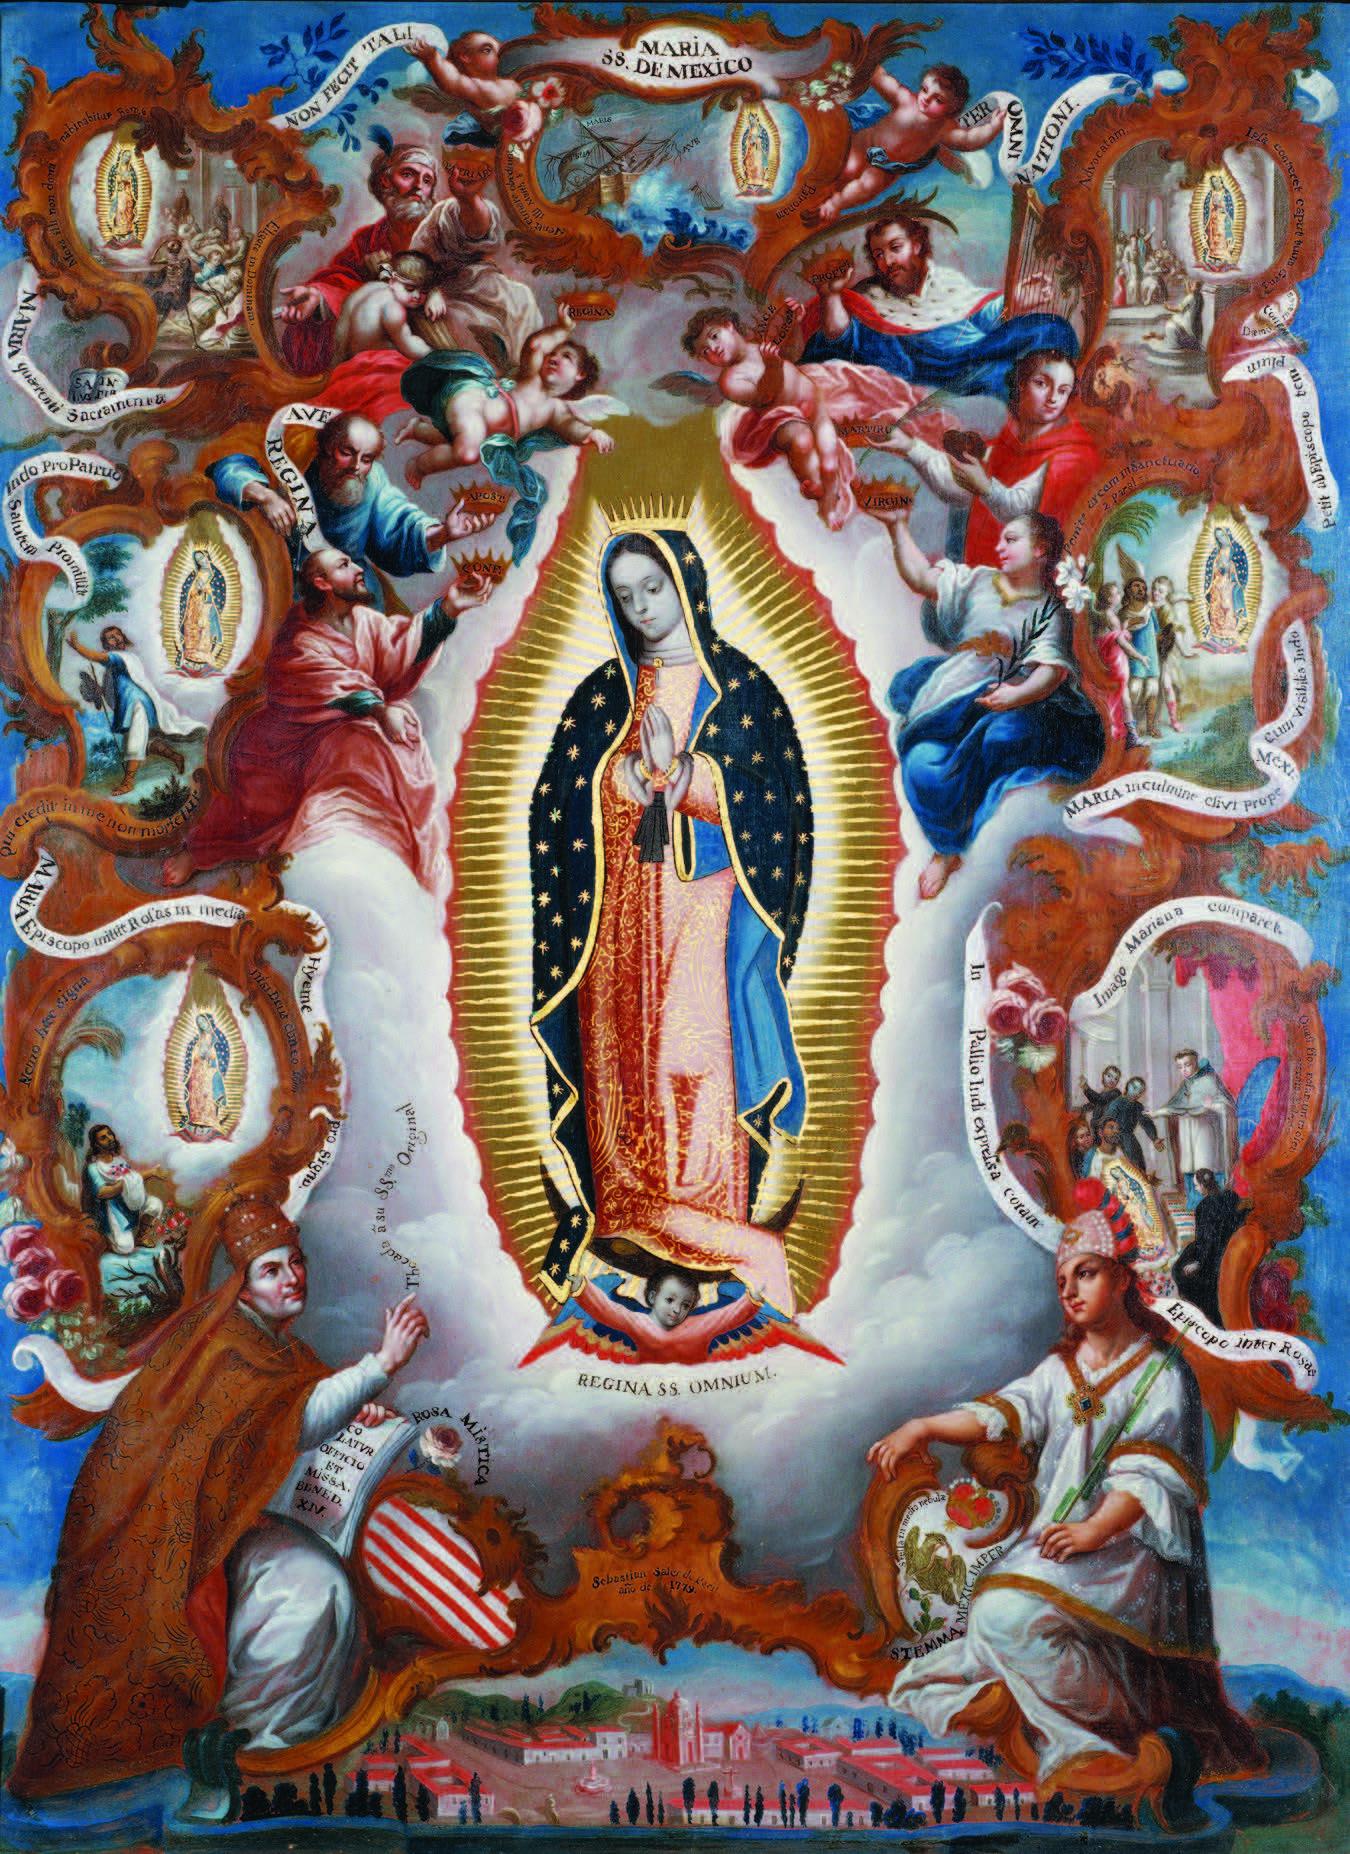 Sebastian Salcedo, Virgin of Guadalupe, 1779. Denver Art Museum Collection: Gift of Charles Francis Hendrie Memorial, 1976.56. Photograph courtesy Denver Art Museum.